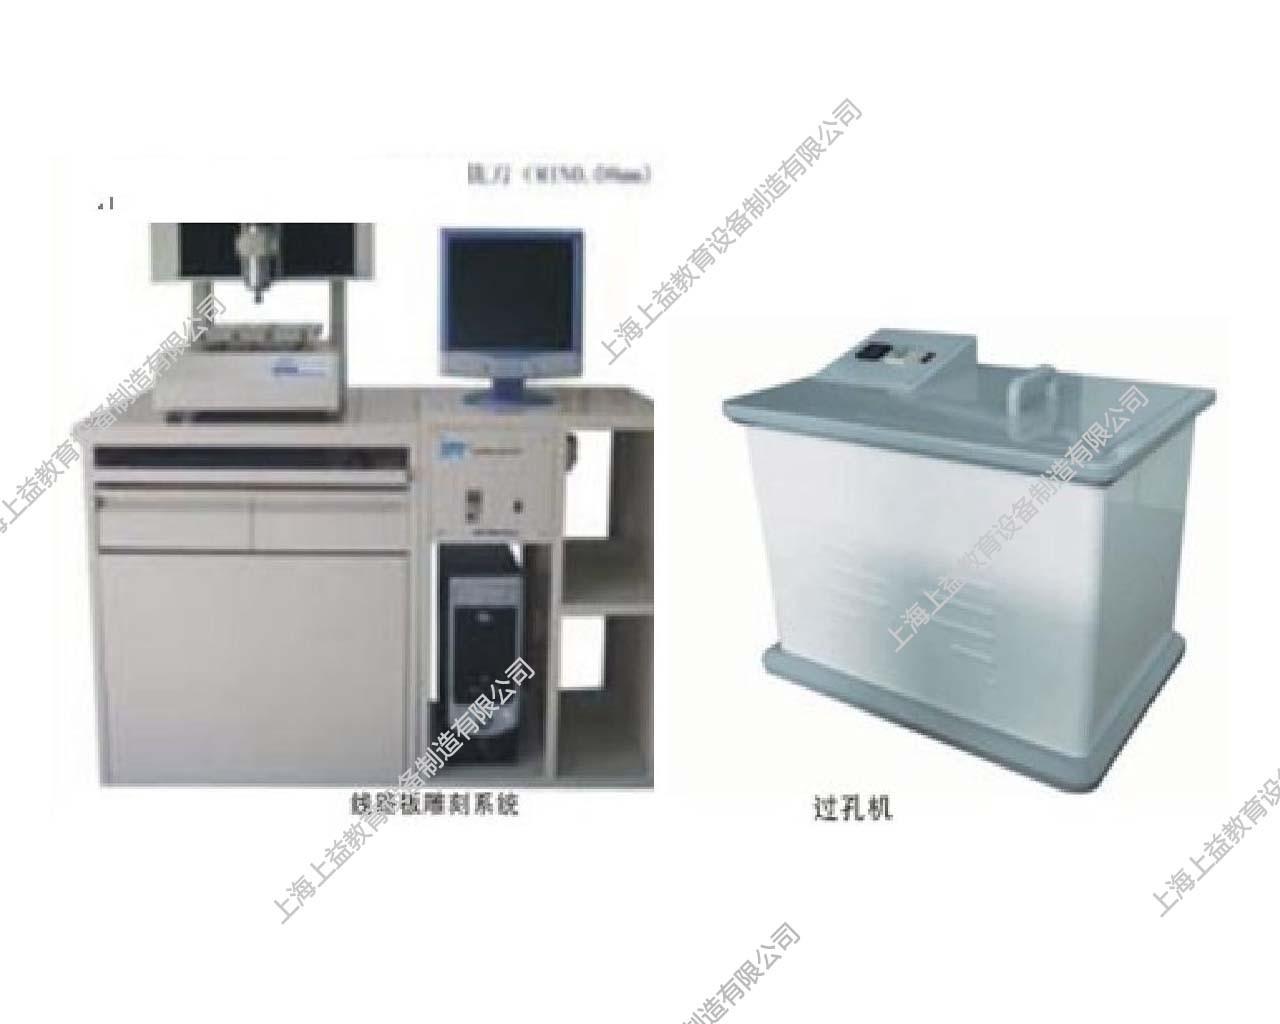 SYGZB-01环保型PCB制板工艺系统